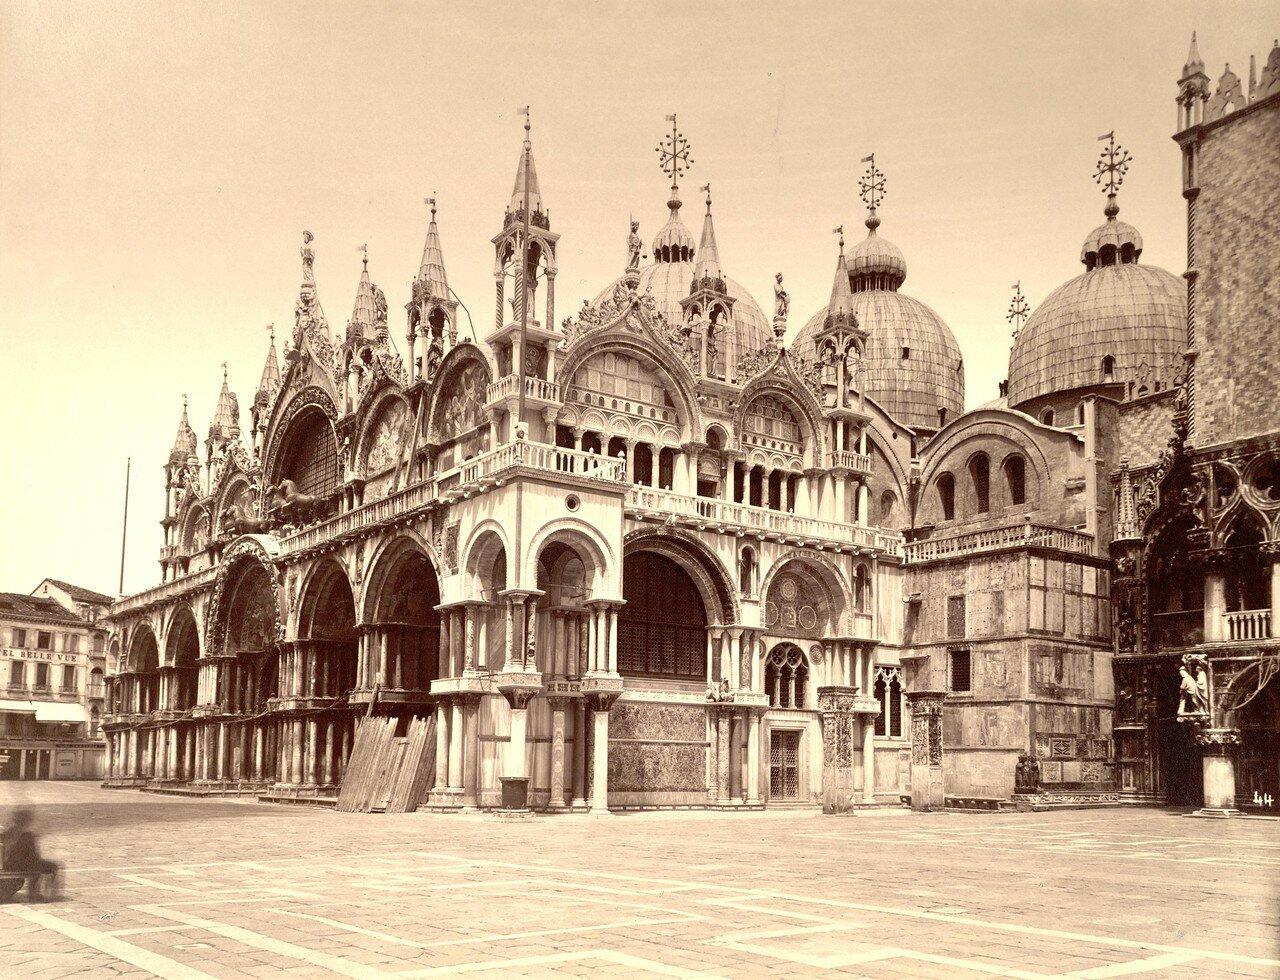 Южный фасад собора Святого Марка и Дворец Дожей